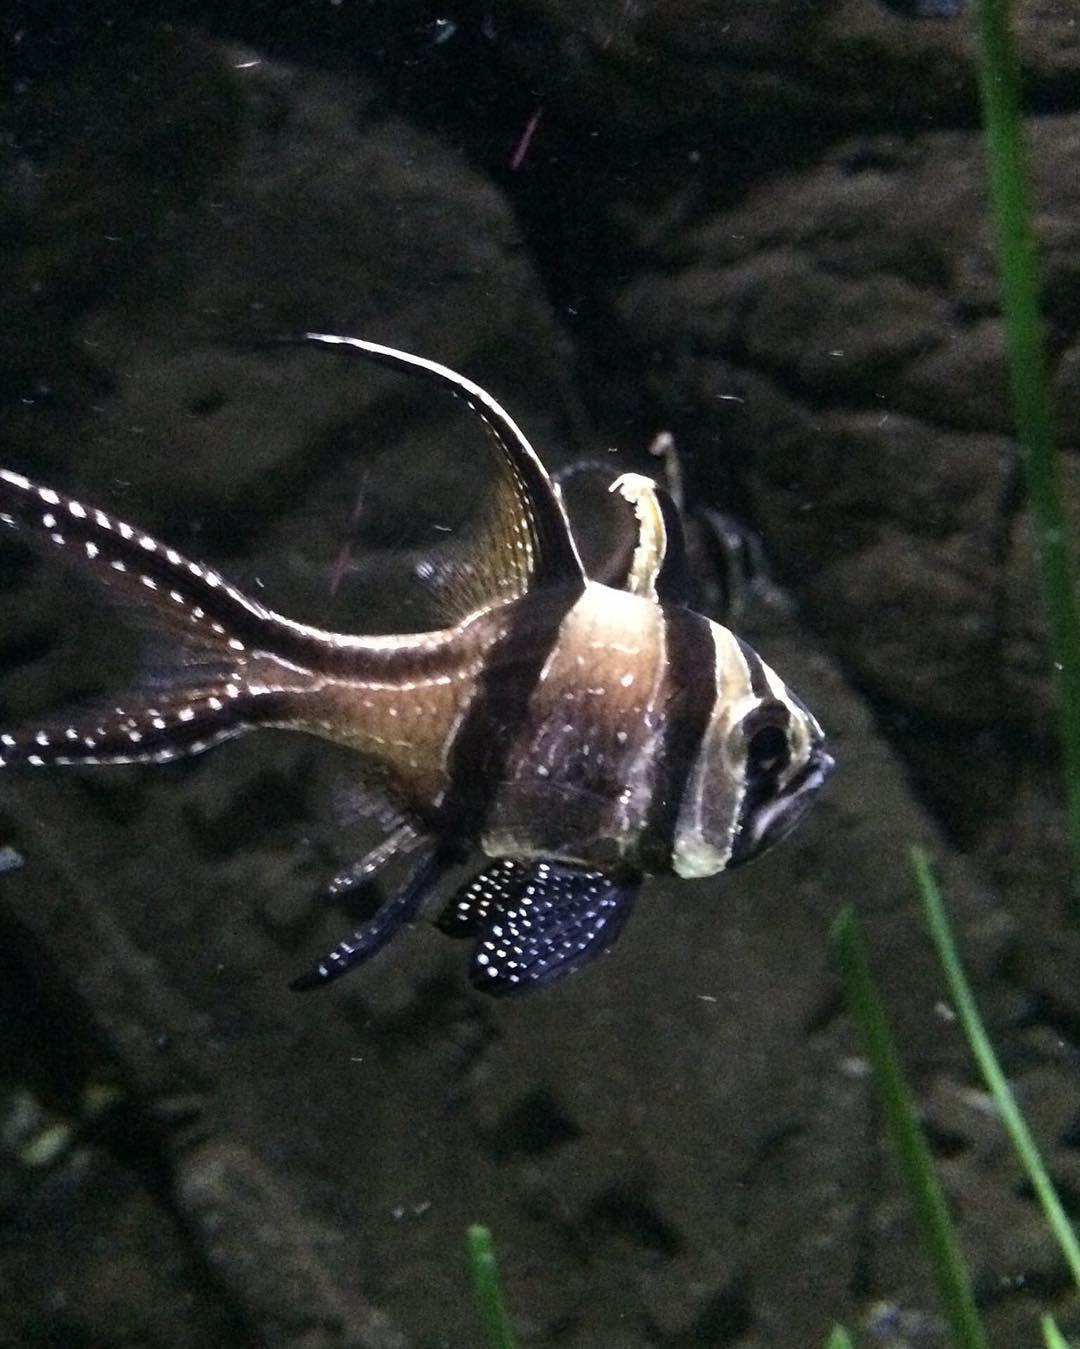 Buy fish for aquarium london - Banggai Cardinal Fish Aquarium London Fish Cardinalfish